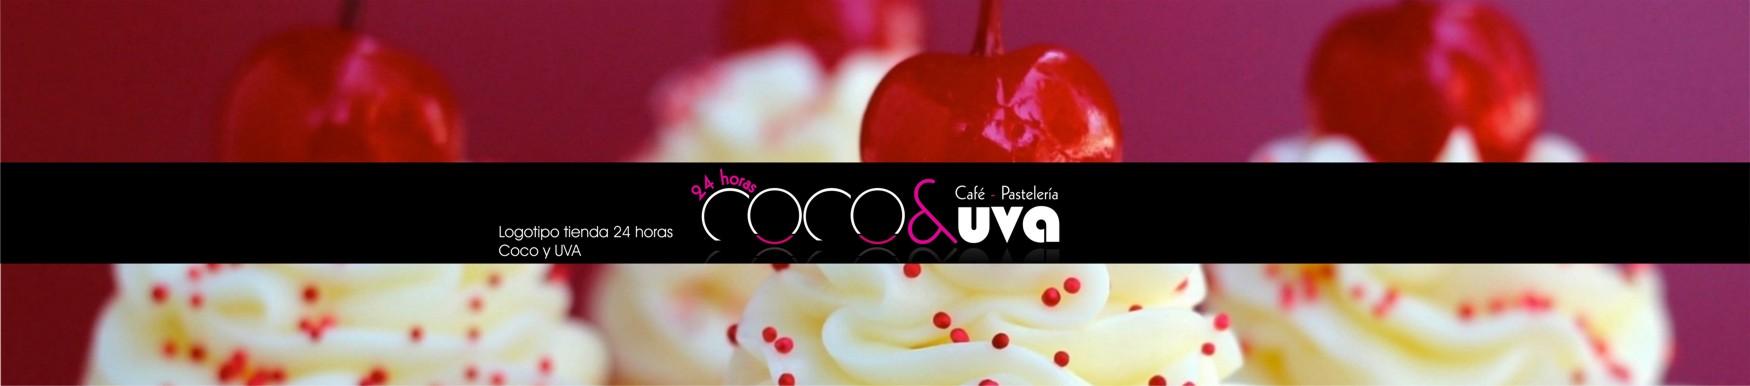 Logotipo Coco y UVA